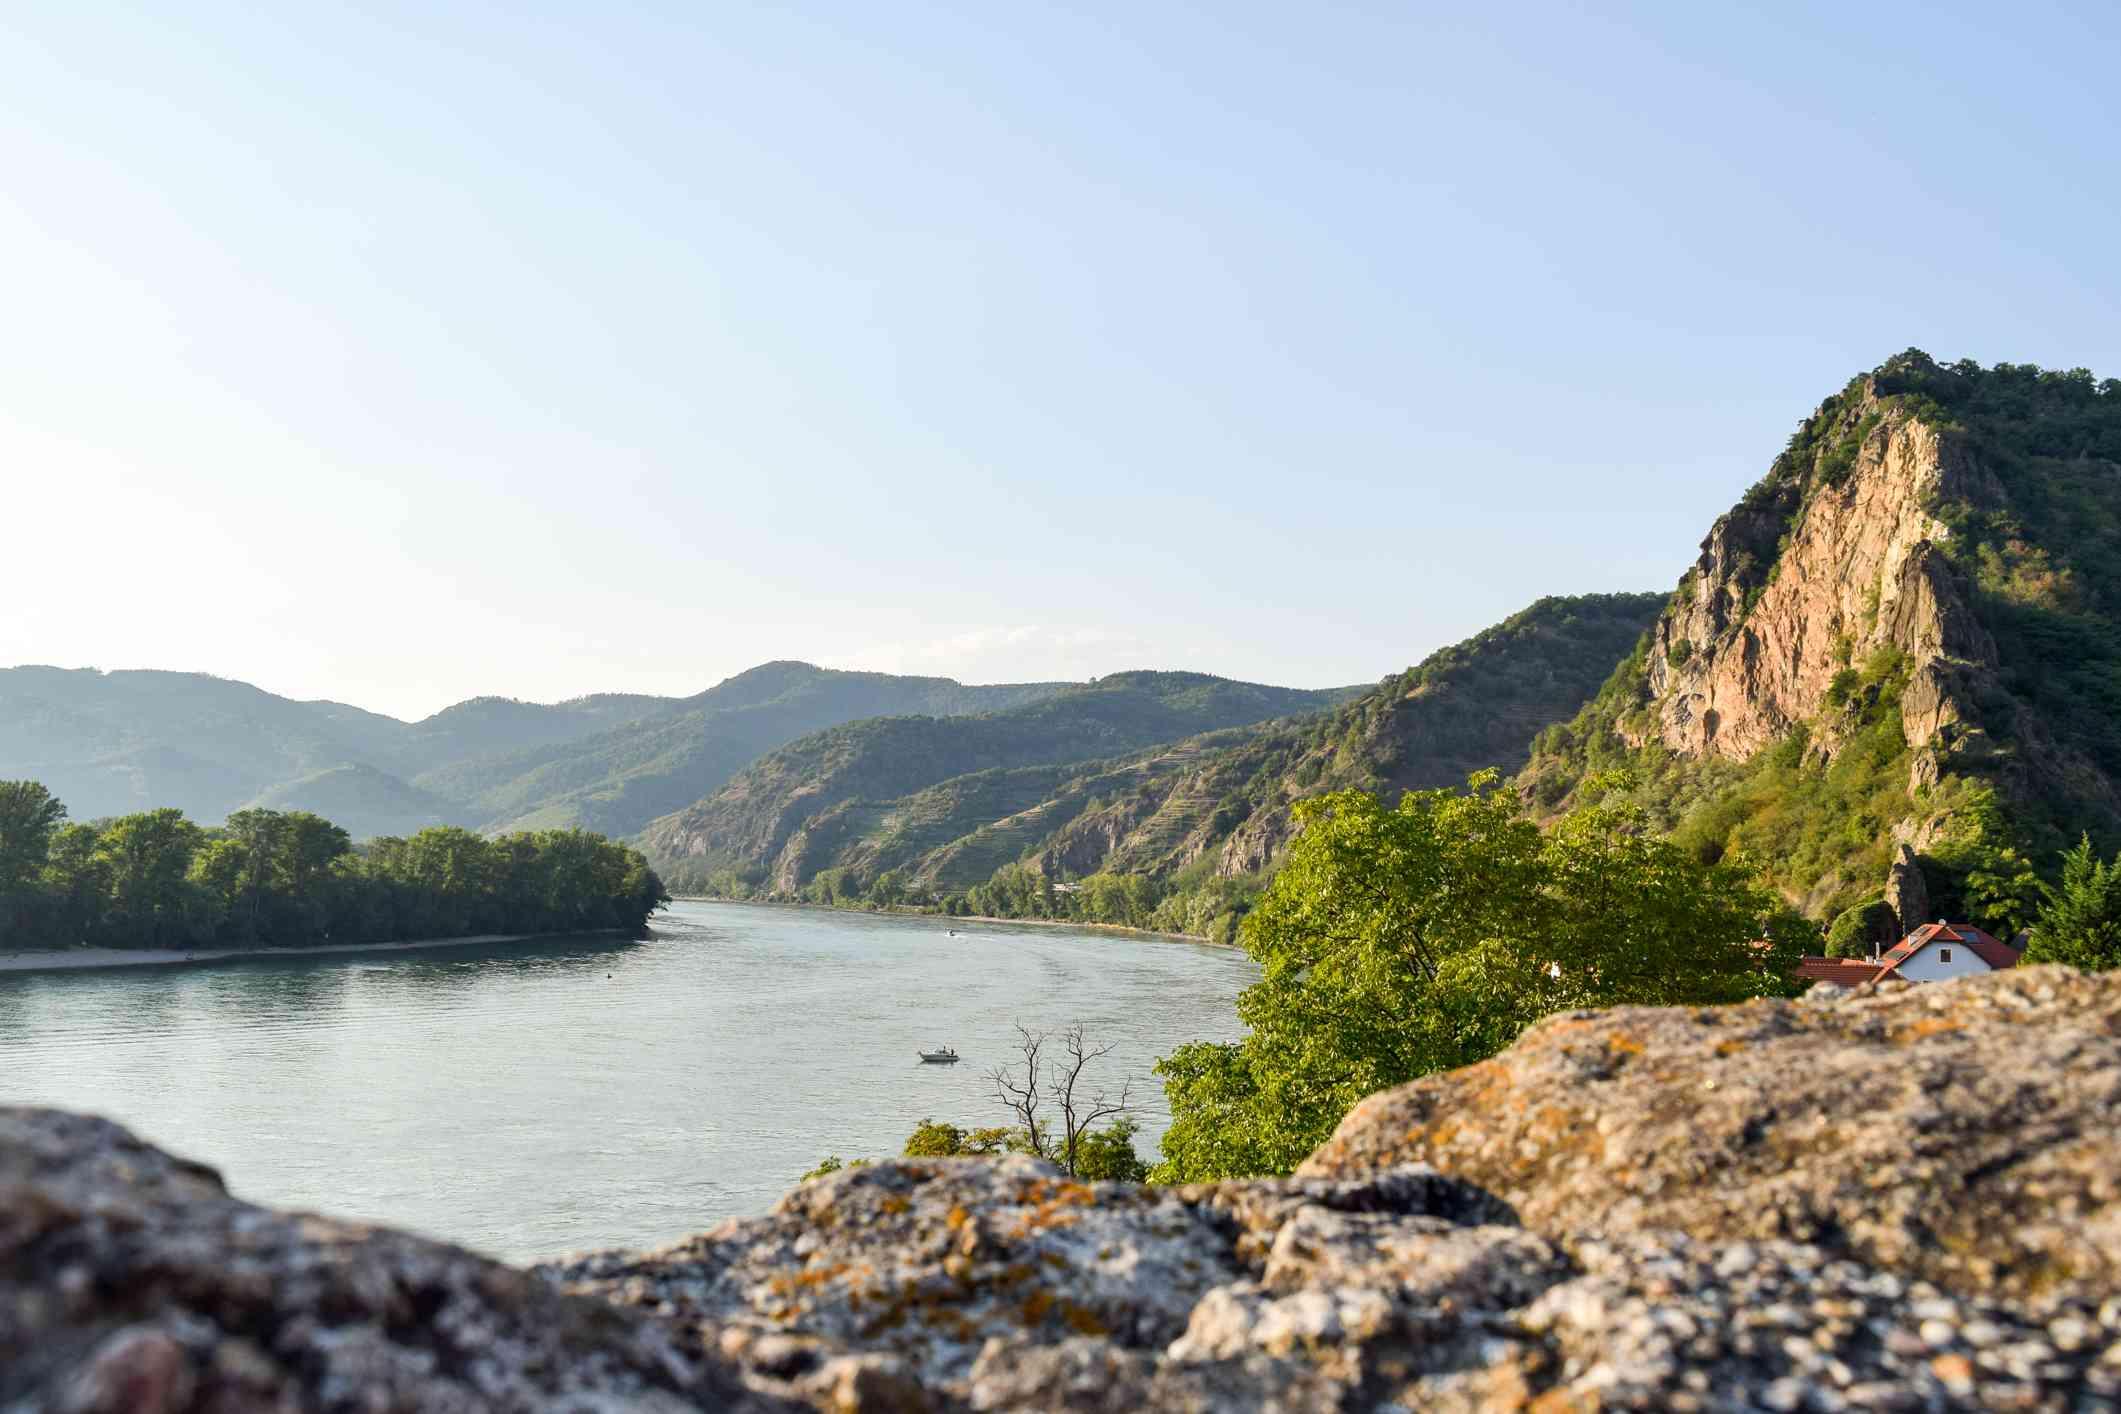 The Danube River cutting through Wachau Valley